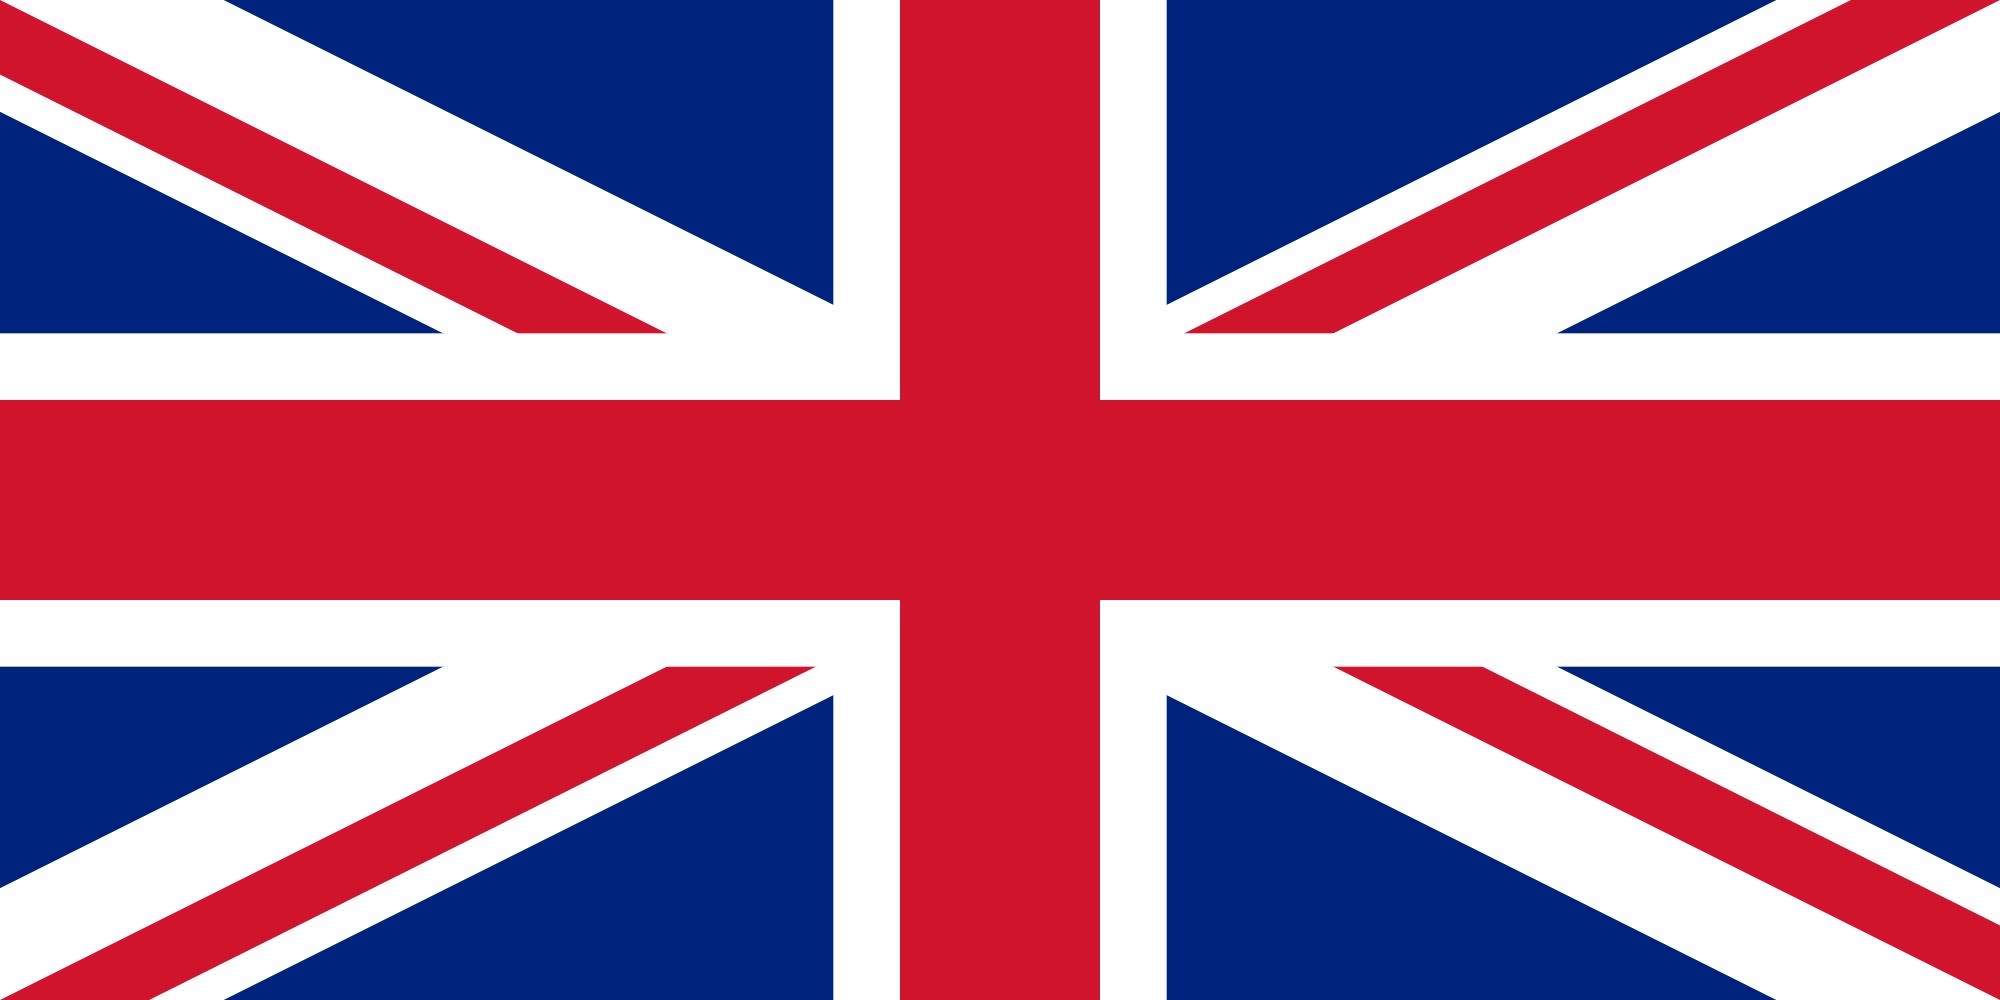 Flagge-EN